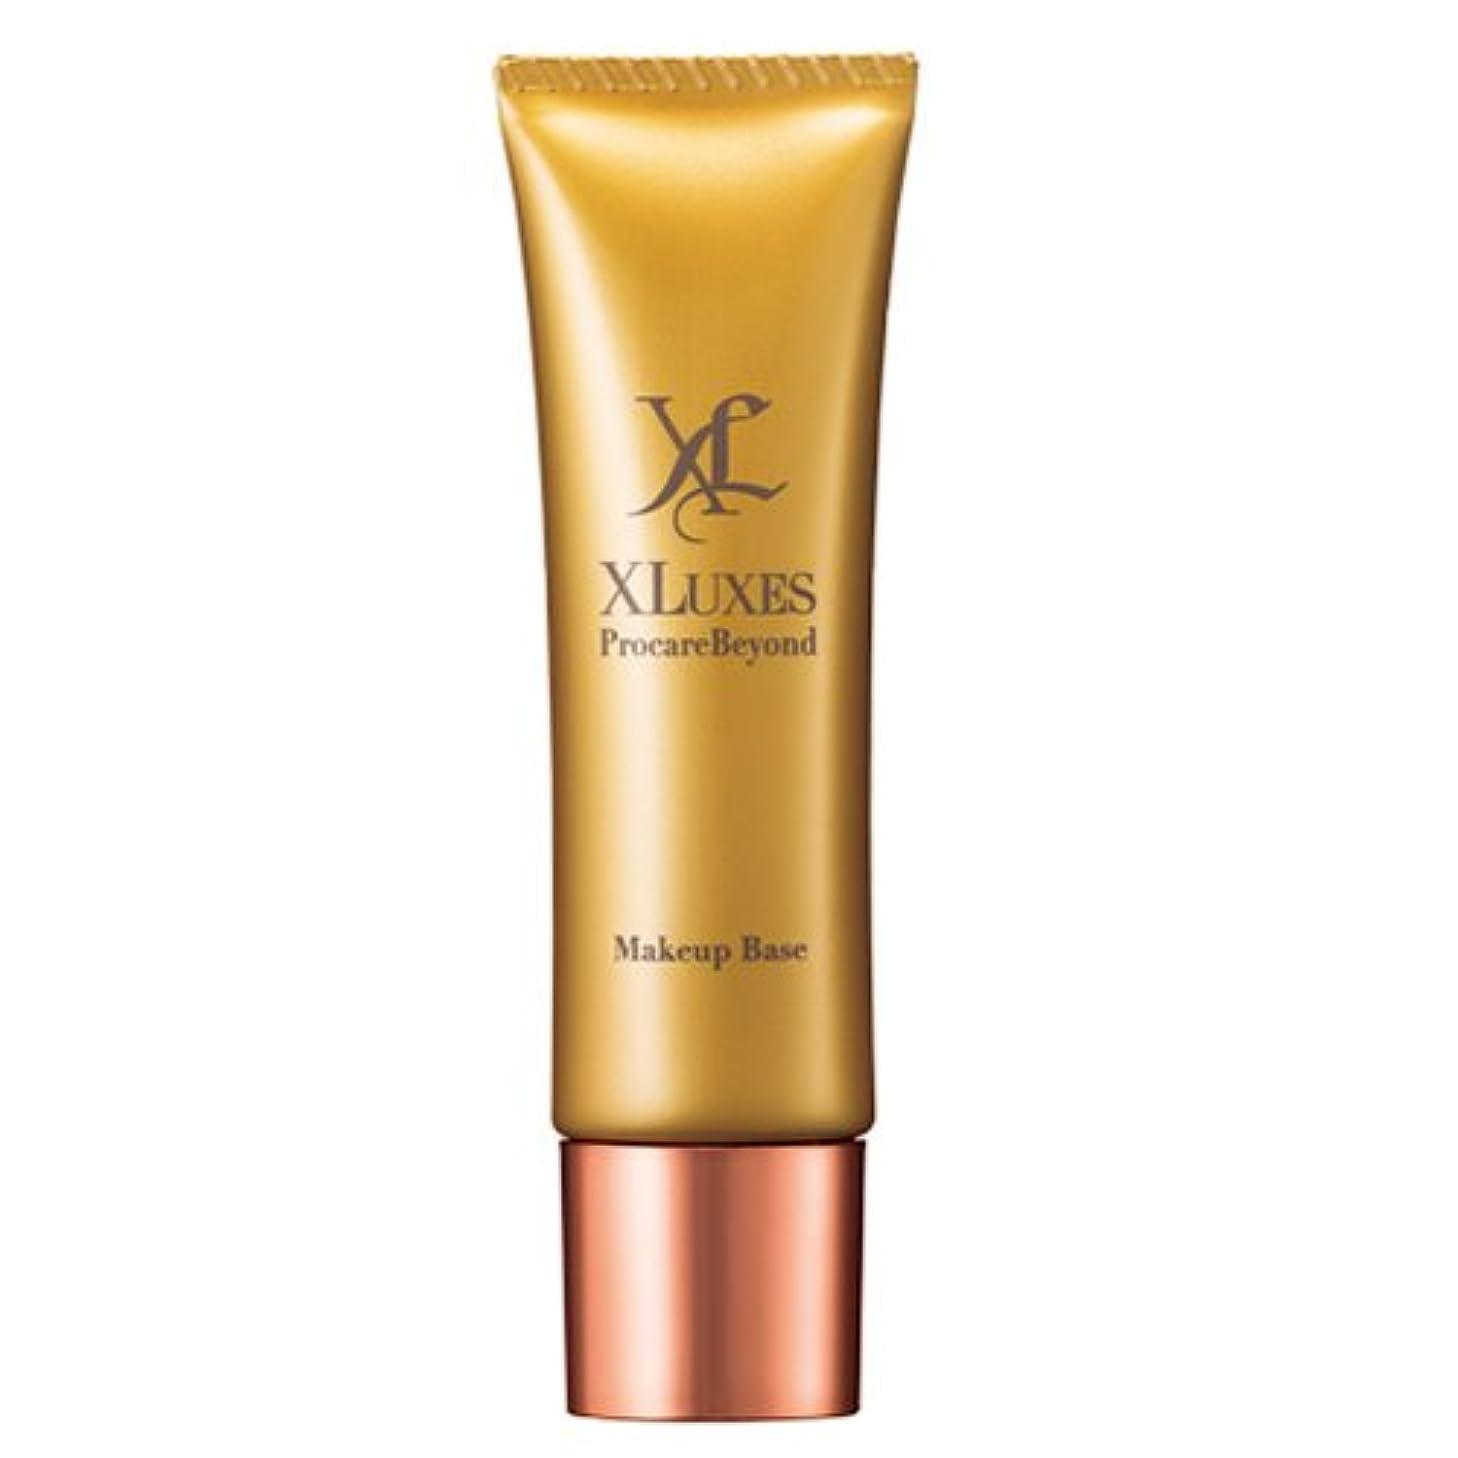 イブニングバクテリア良性XLUXES 化粧下地 (SPF50 PA+++) [ヒト幹細胞 培養液配合] プロケアビヨンド メイクアップベース 30g